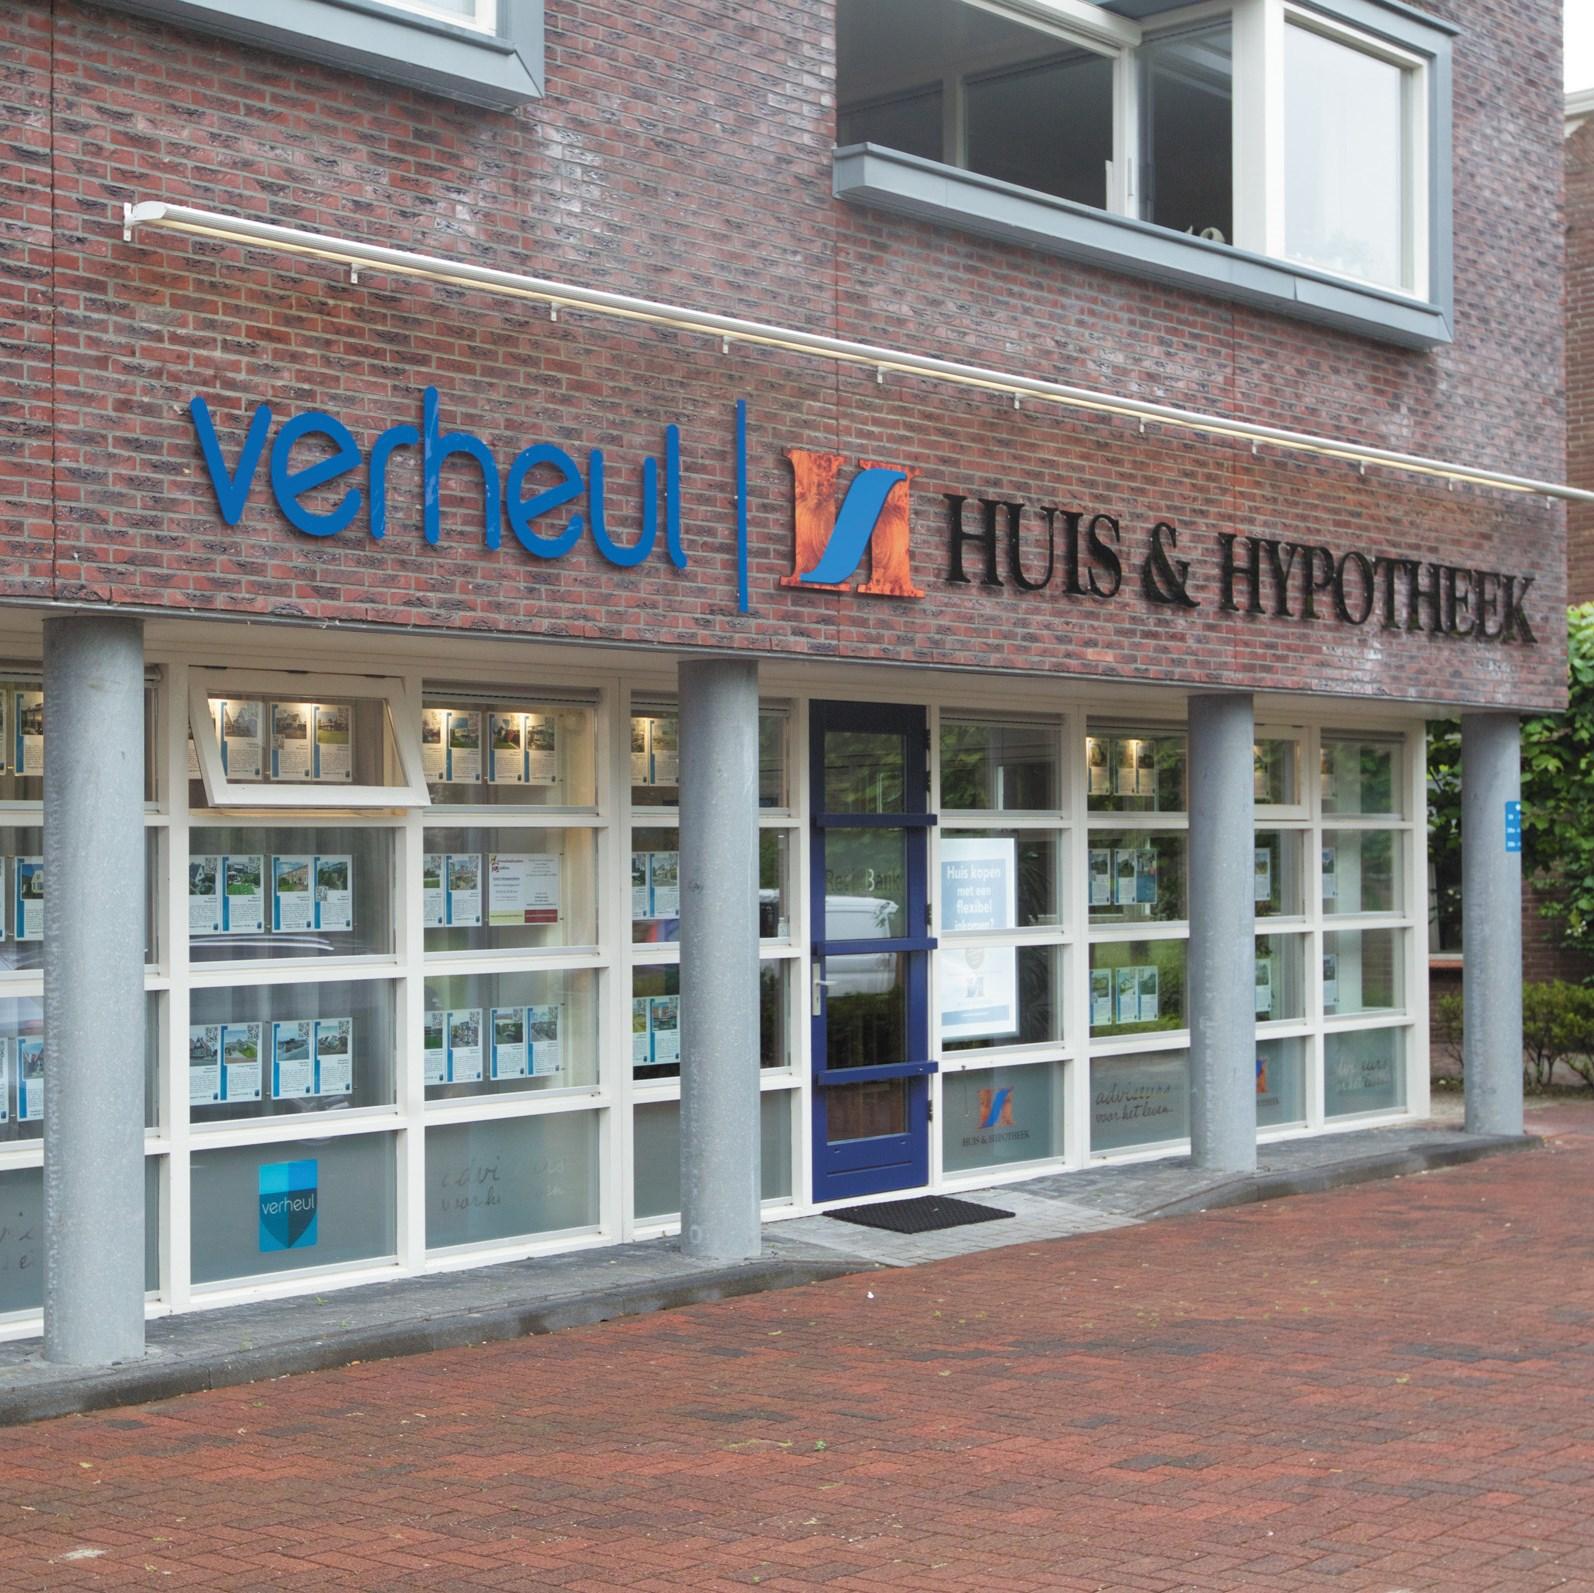 Foto van Verheul Huis & Hypotheek Wieringerwerf